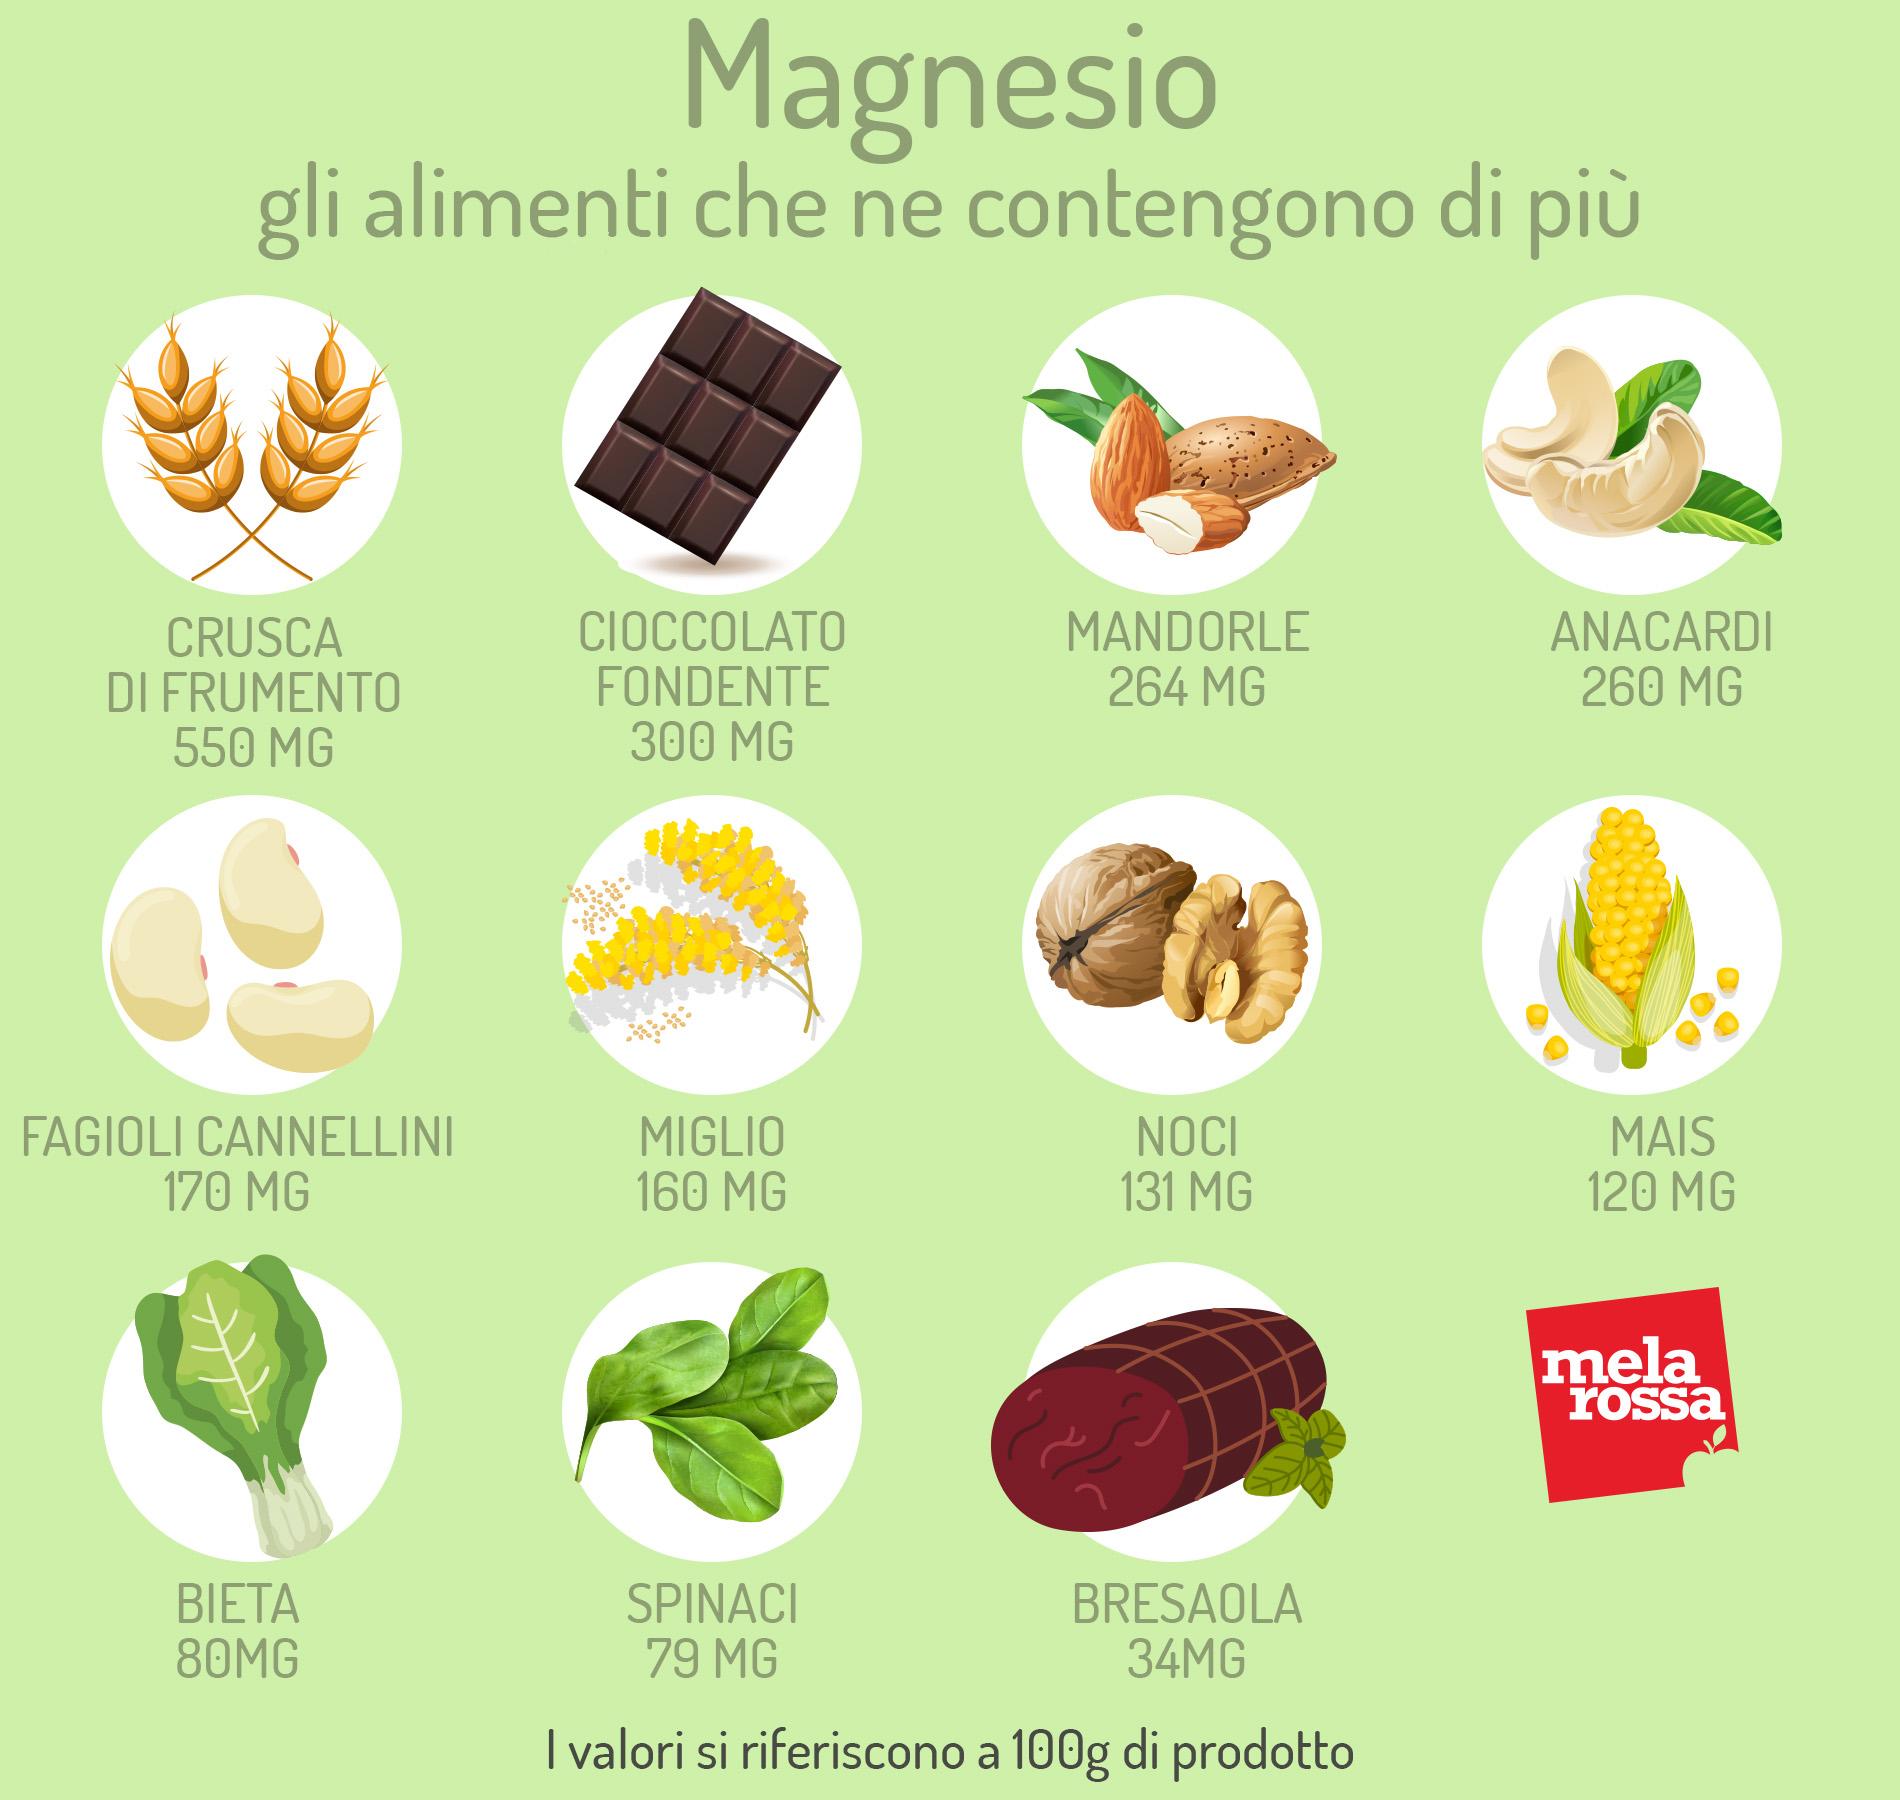 gli alimenti ricchi di magnesio